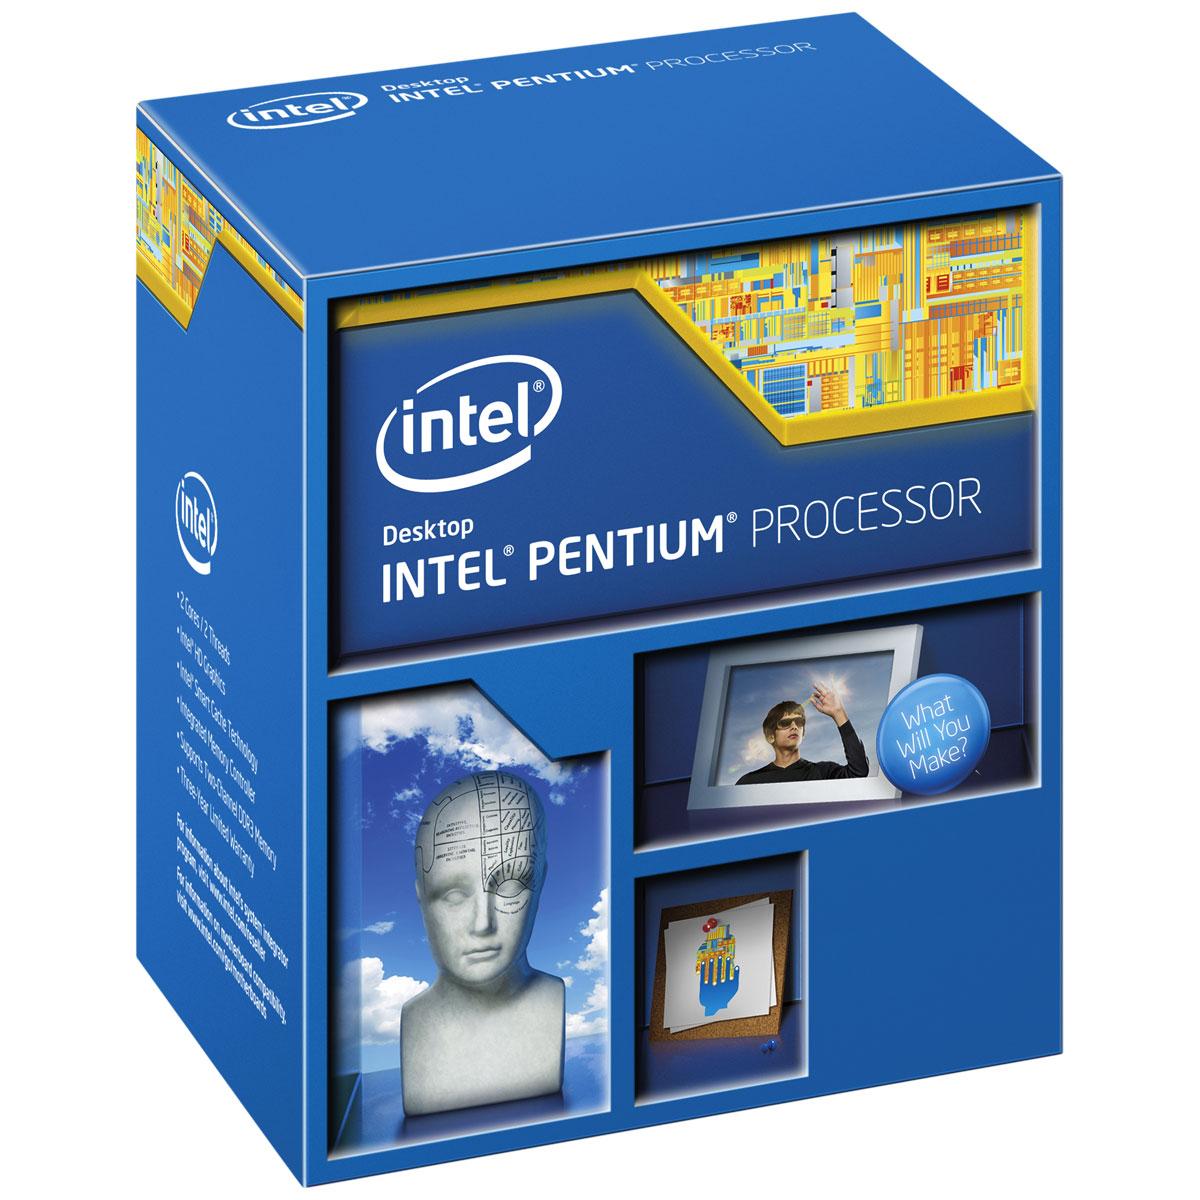 Processeur Intel Pentium G3220 (3 GHz) Processeur Dual Core Socket 1150 Cache L3 3 Mo Intel HD Graphics 0.022 micron (version boîte - garantie Intel 3 ans)